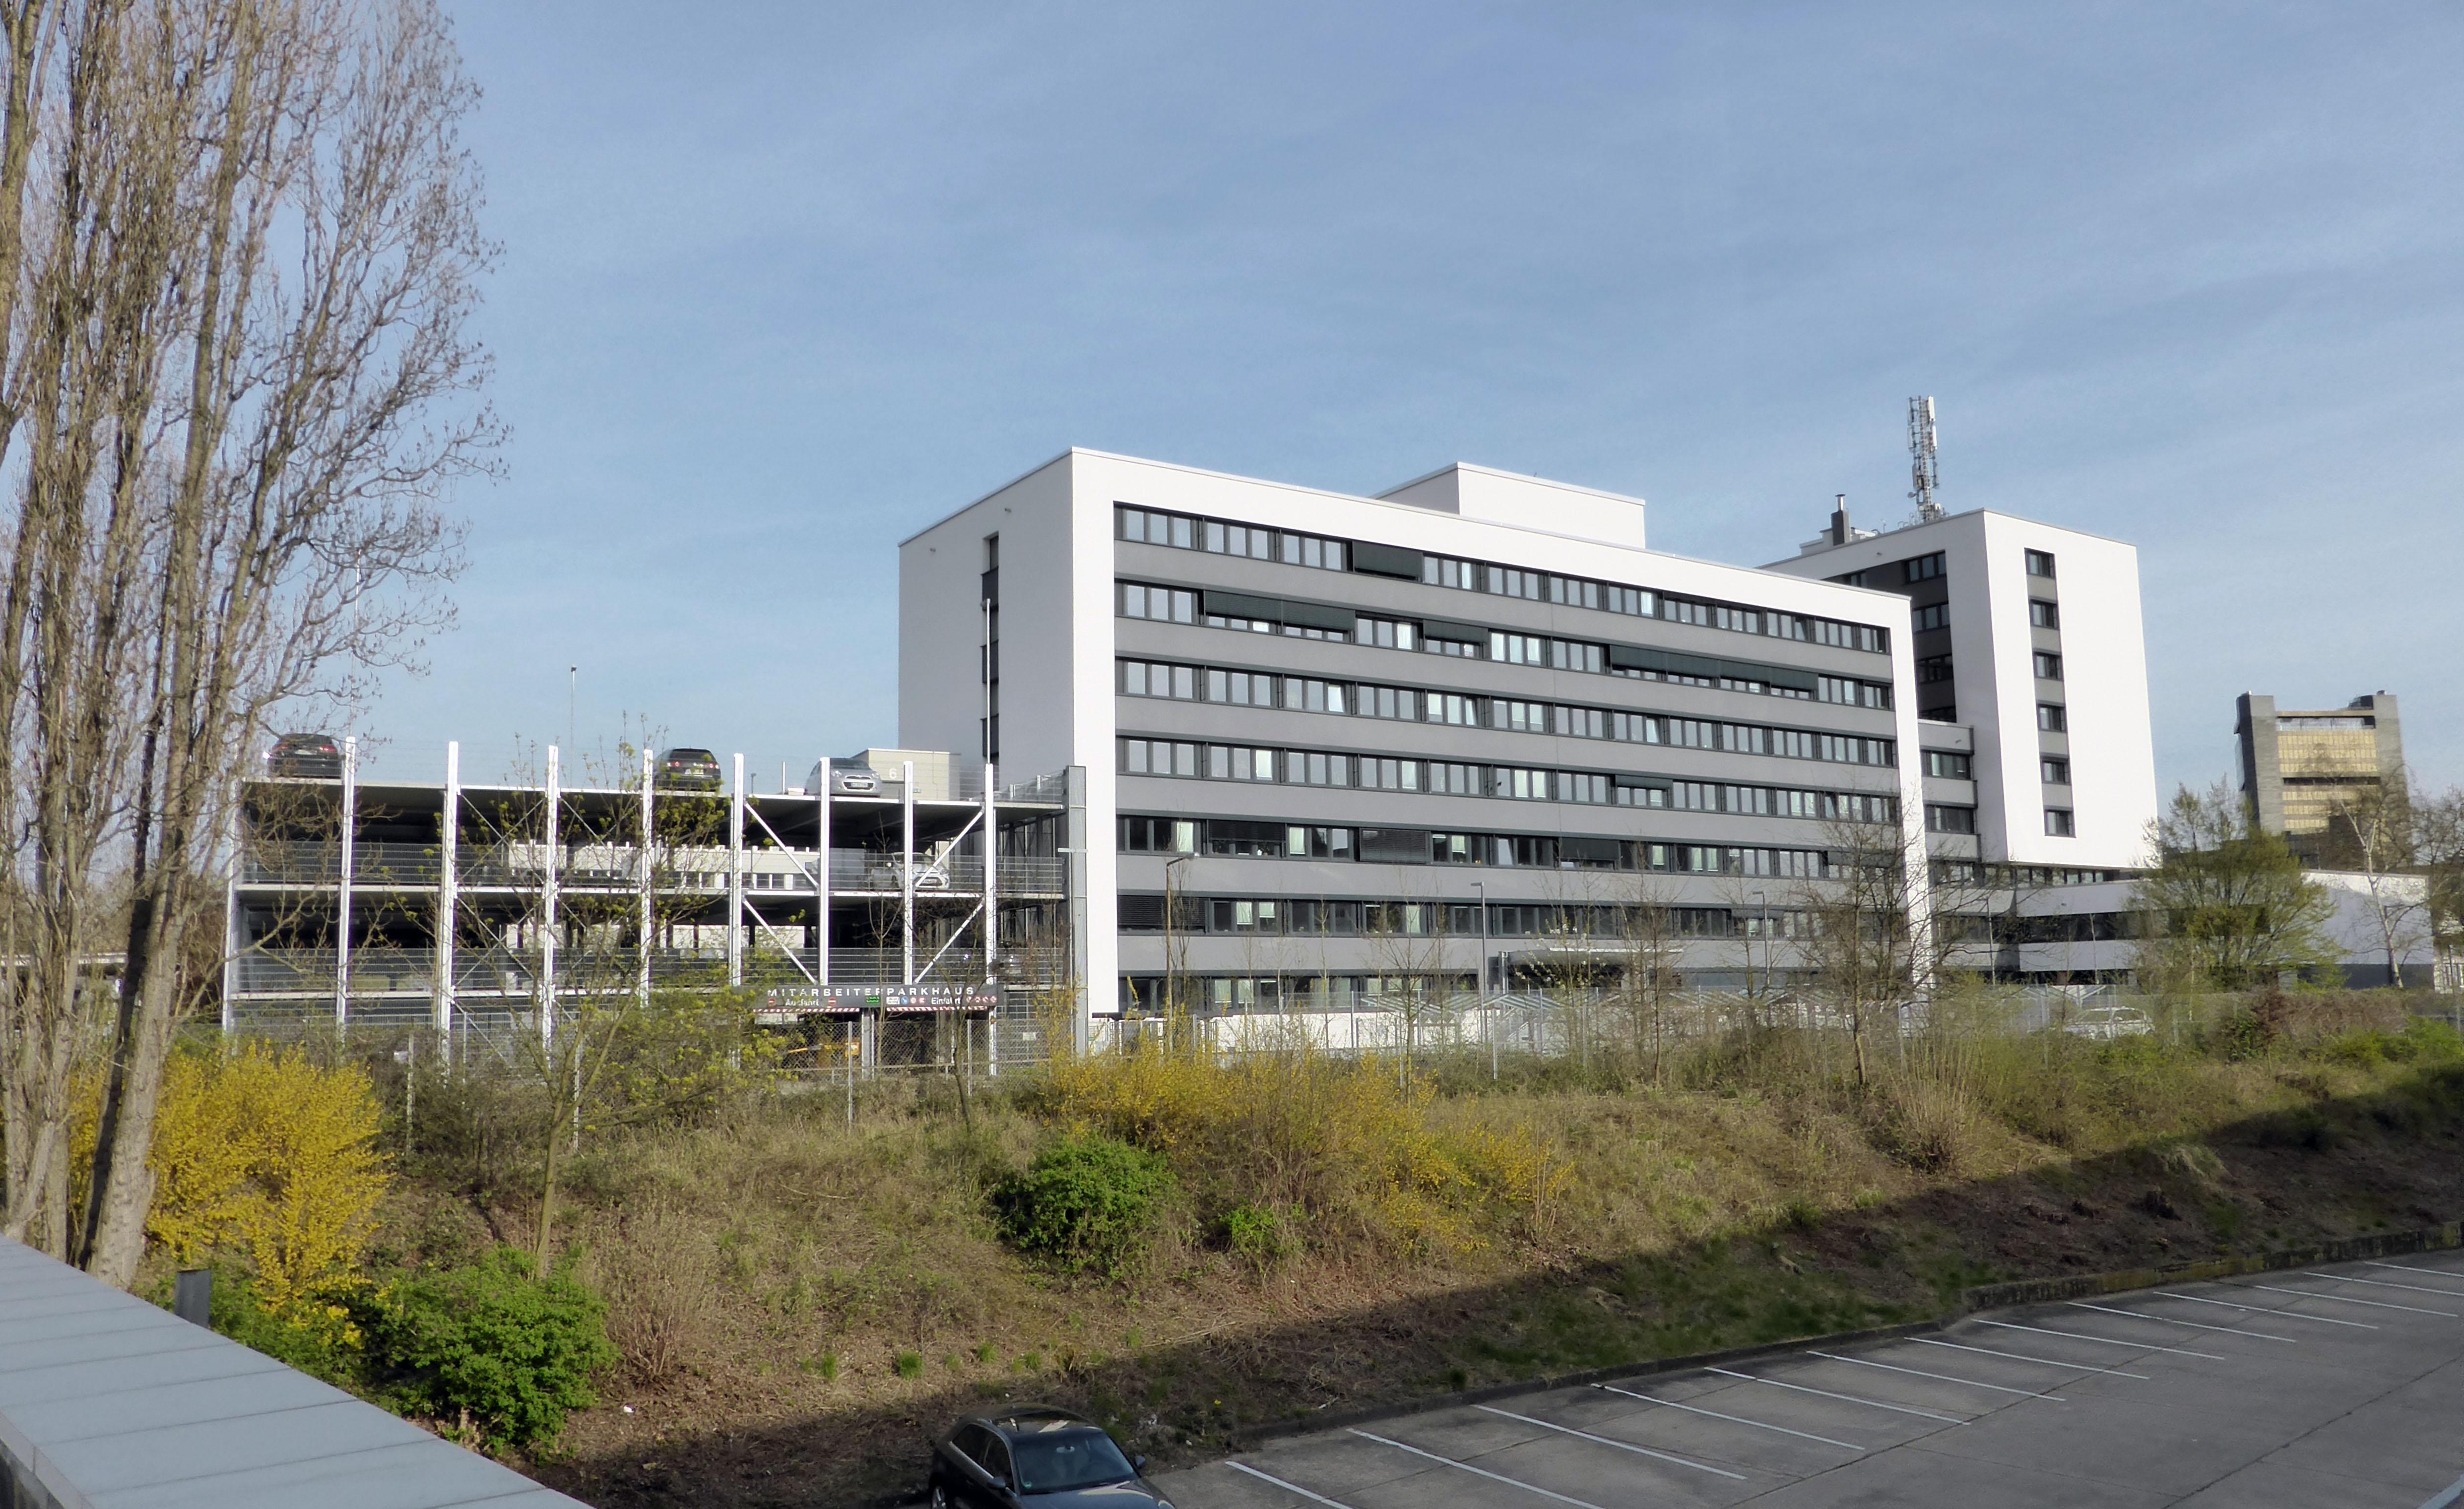 K Chenhaus K Ln datei rewe verwaltungsgebäude stolberger str köln jpg